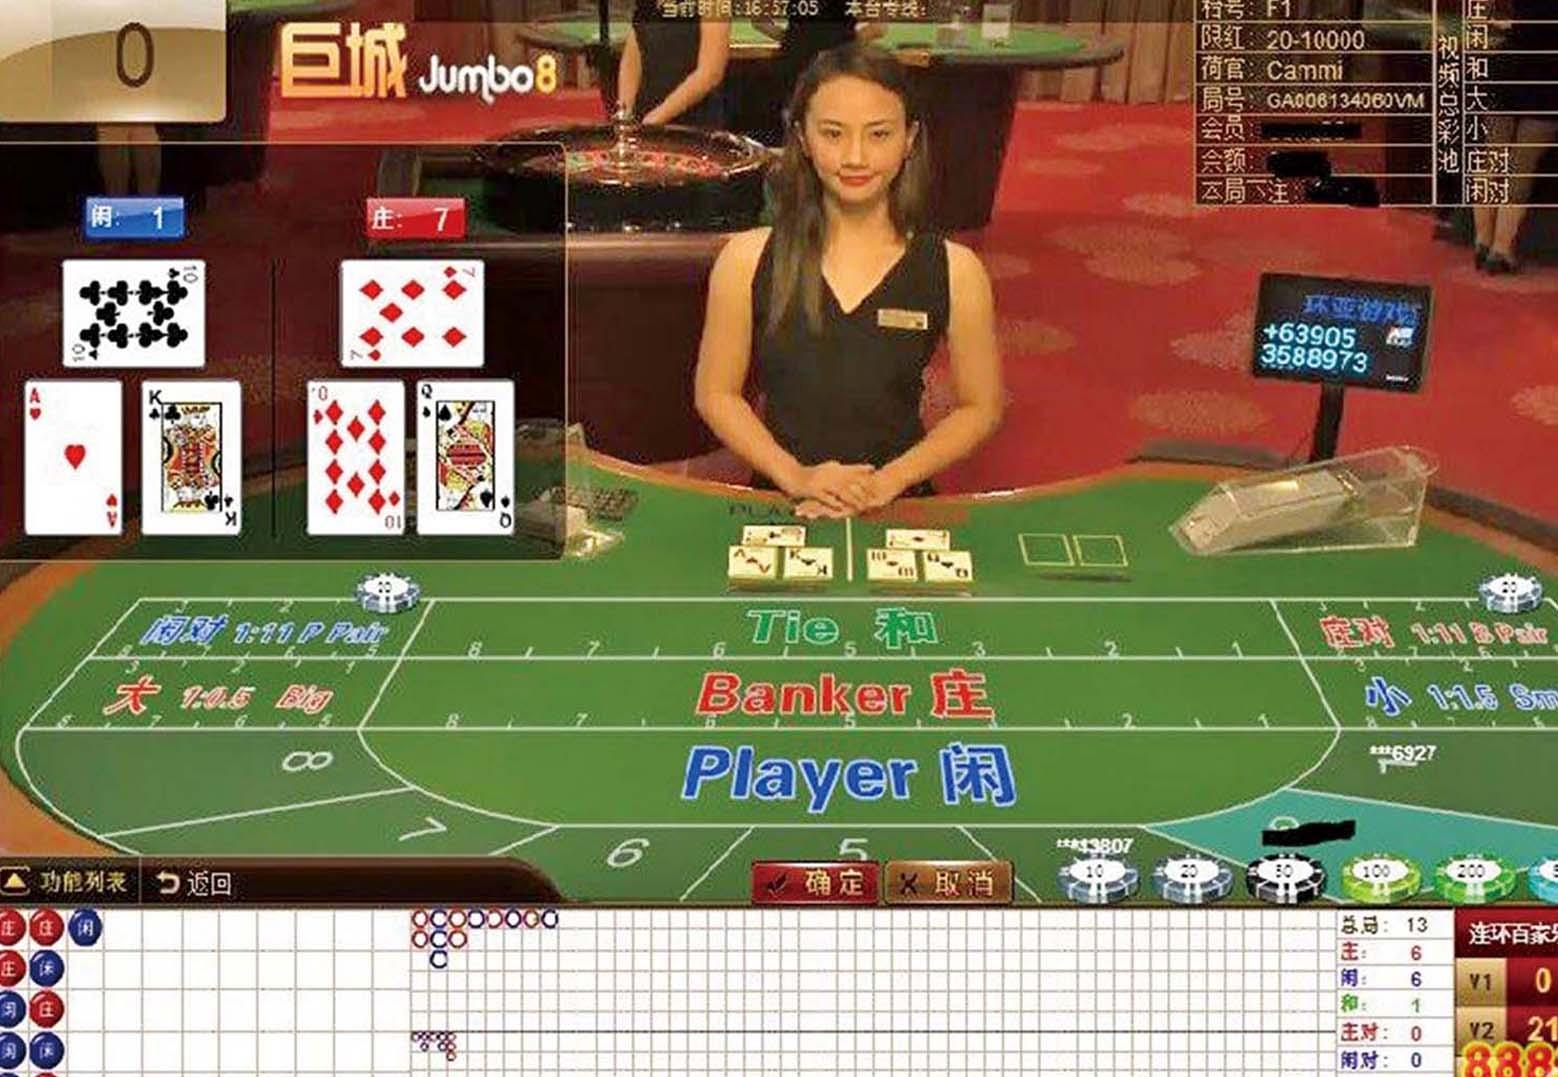 預設賭局十賭十贏 狂吞1.4億元